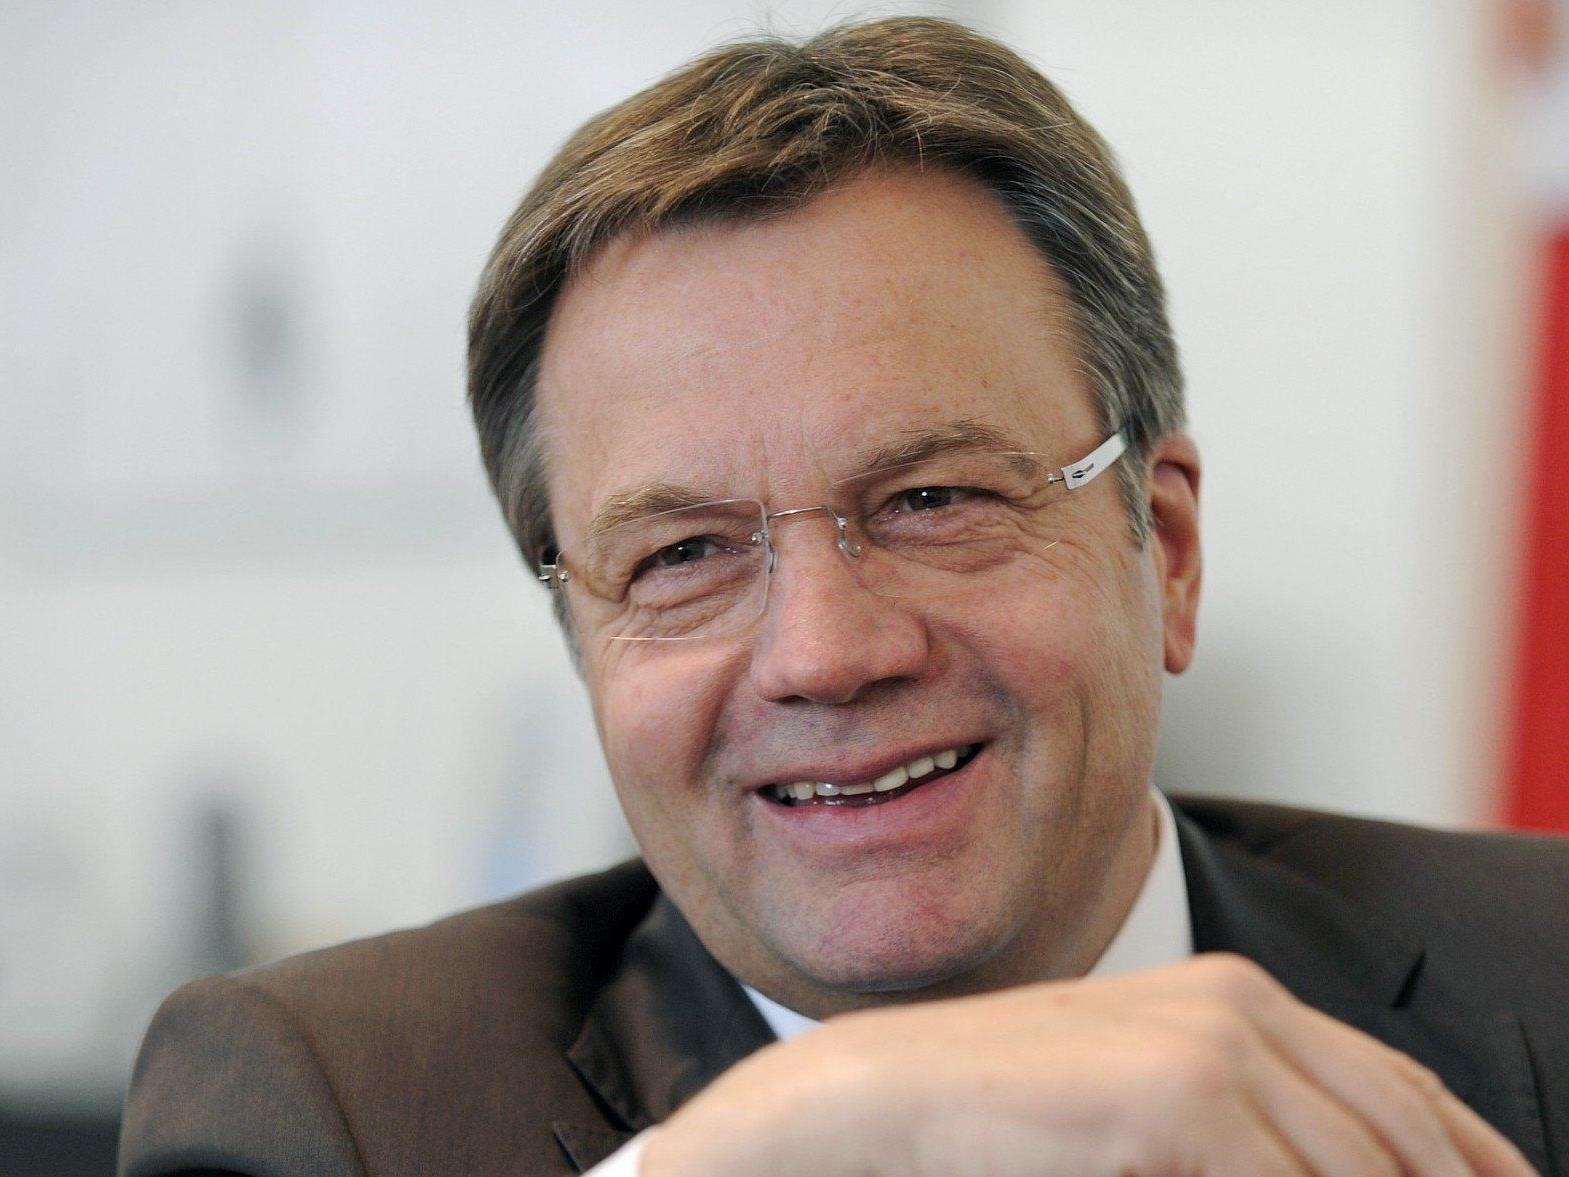 Günther Platter leitete am Samstag den ÖVP-Walkampf für die Landtagswahl in Tirol ein.